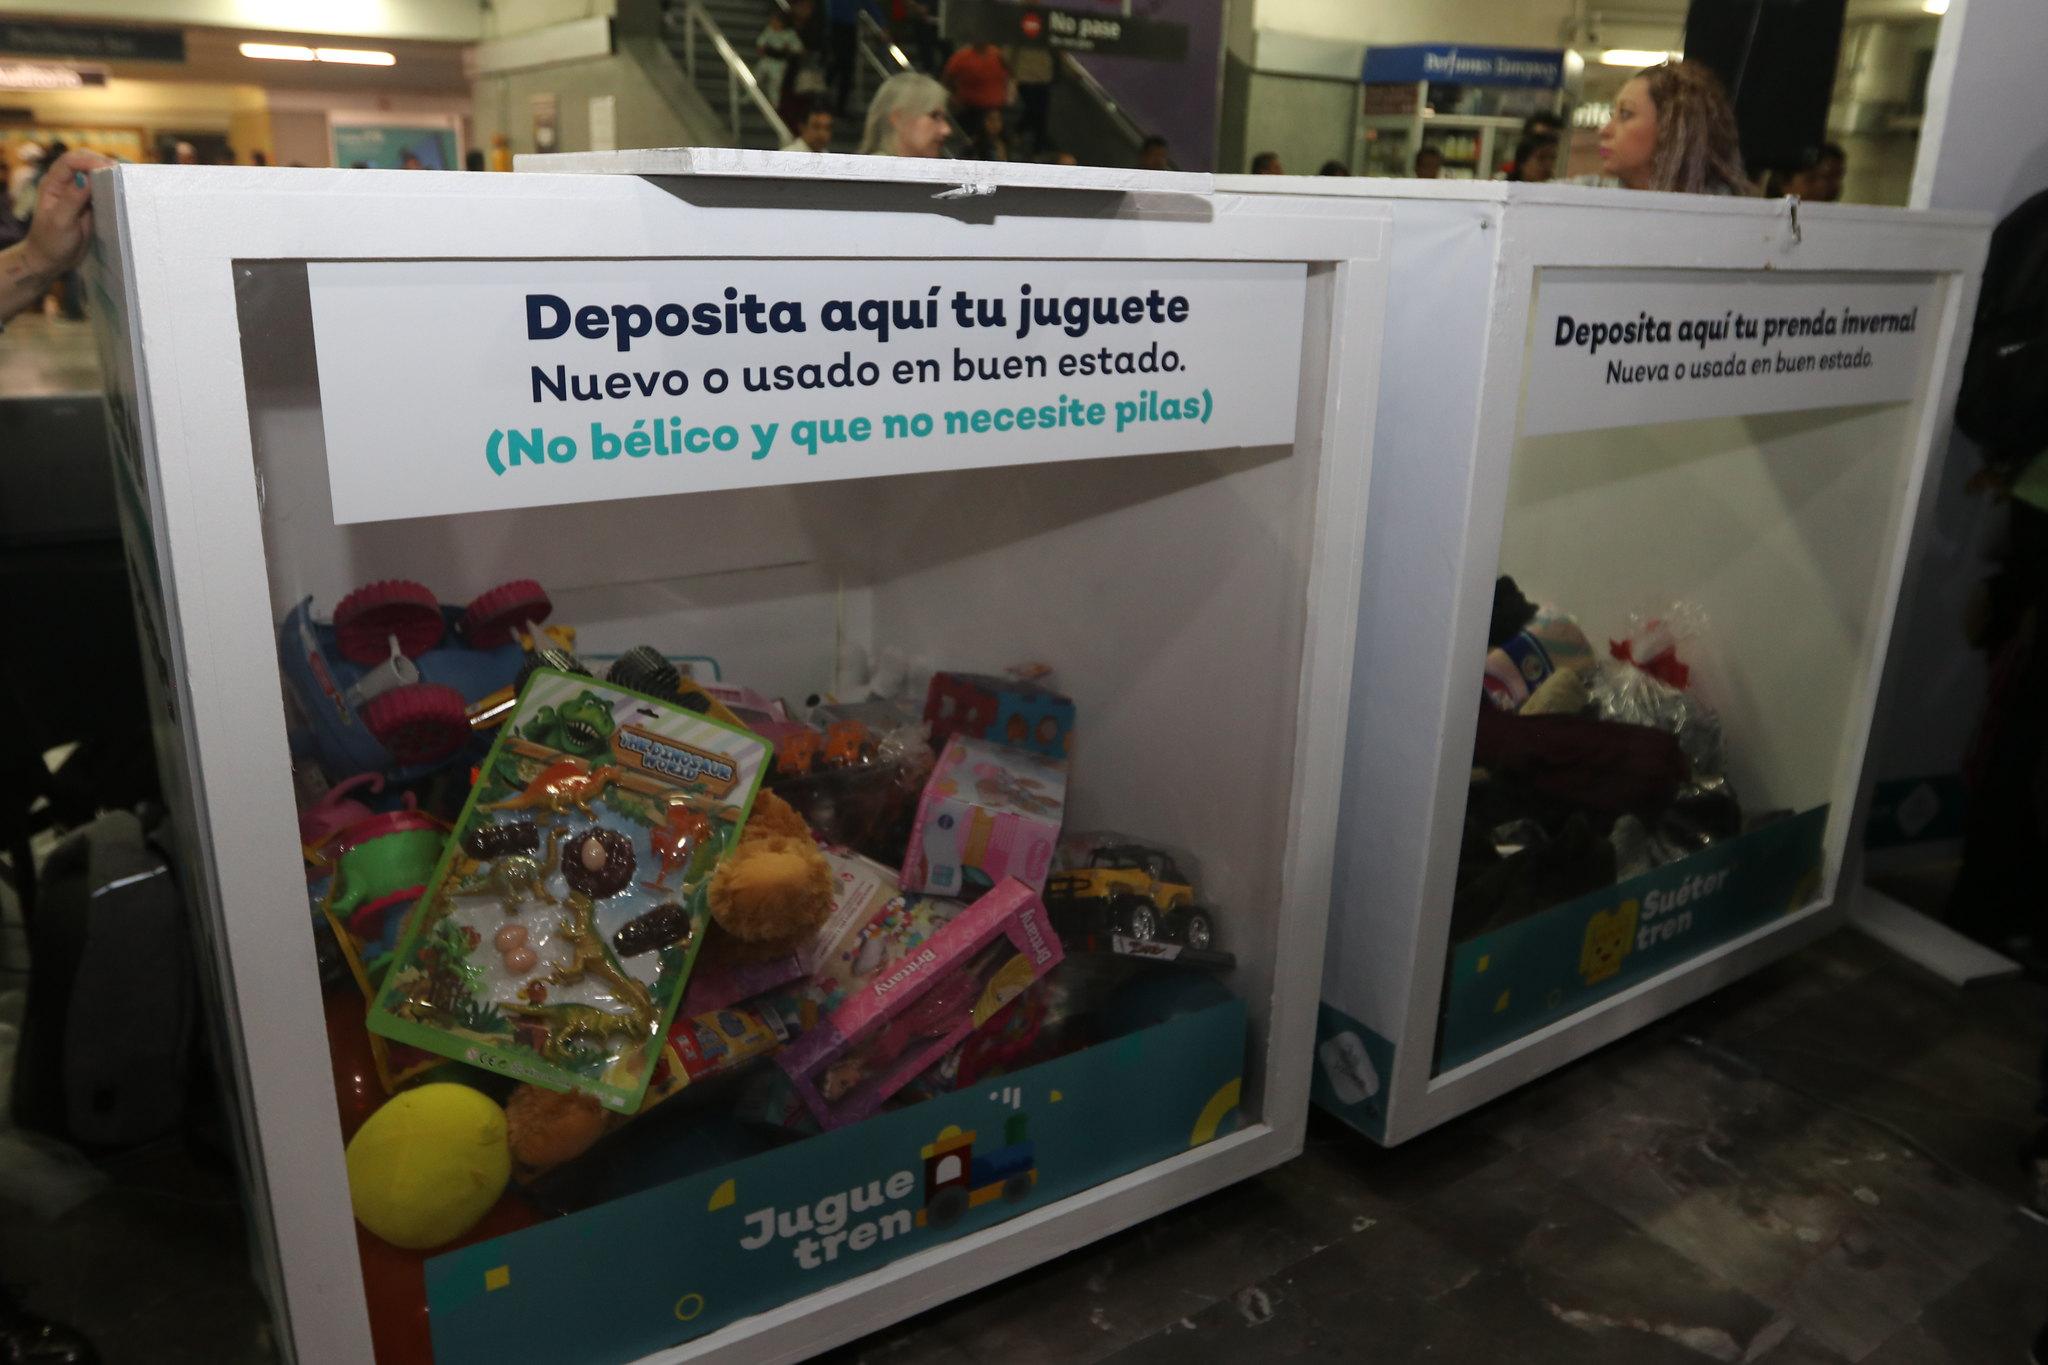 Los donativos para las campañas JugueTren y SuéterTren pueden depositarse en contenedores ubicados en estaciones del Tren Ligero y Macrobús.